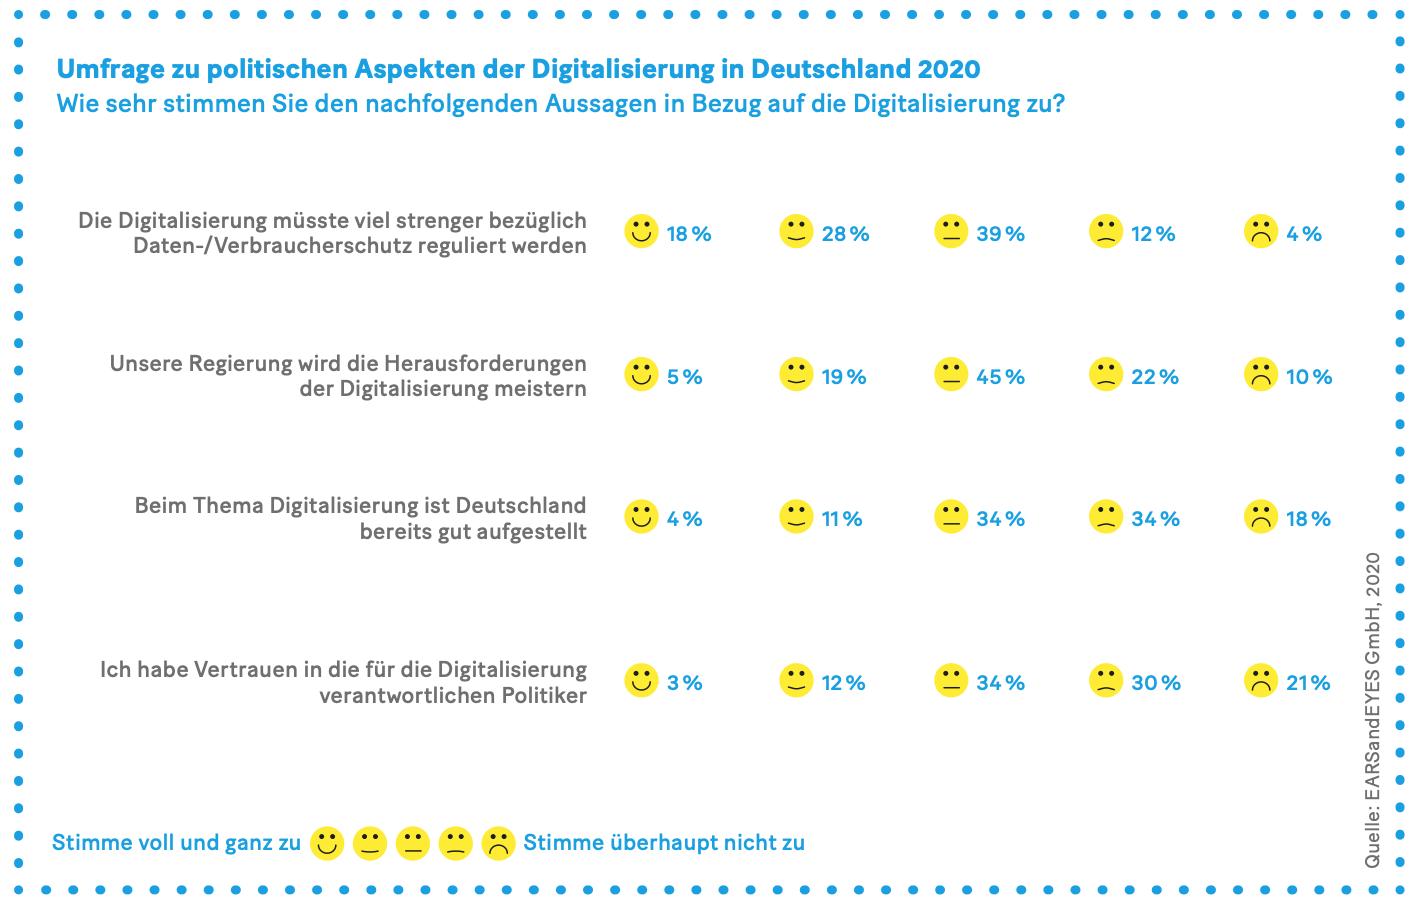 Grafik: Umfrage zu politischen Aspekten der Digitalisierung in Deutschland 2020